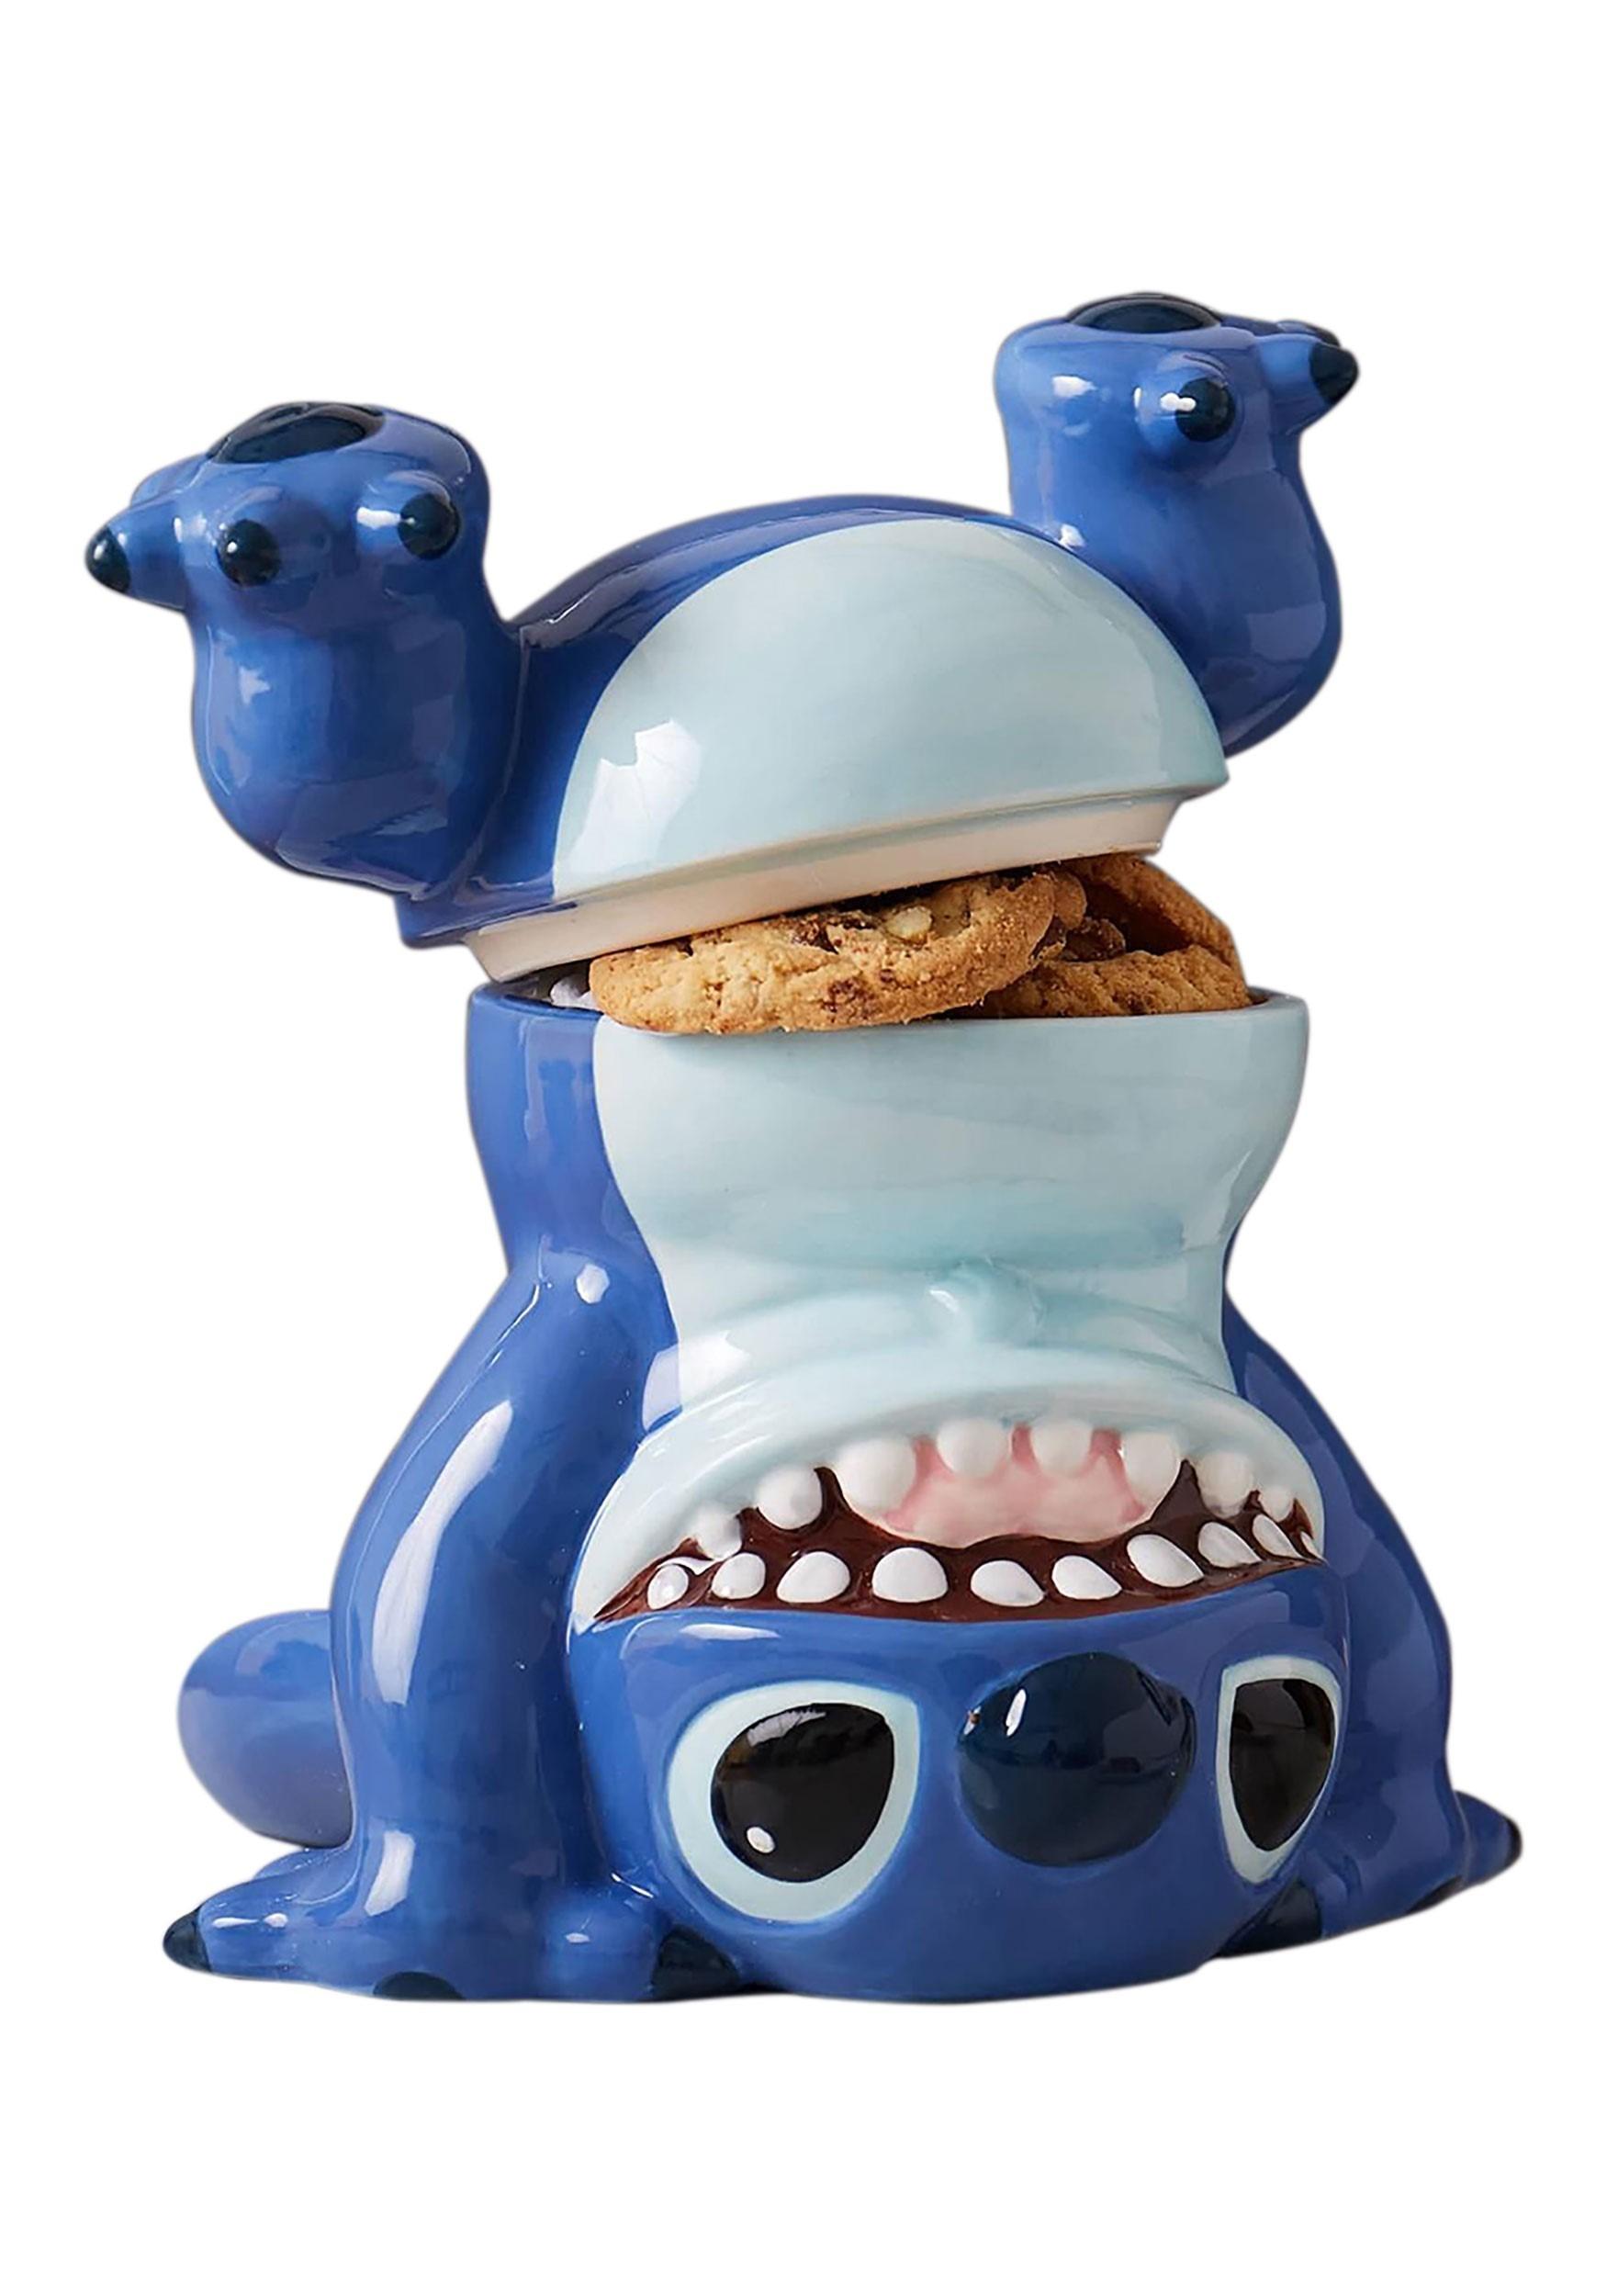 Handstand Stitch Cookie Jar